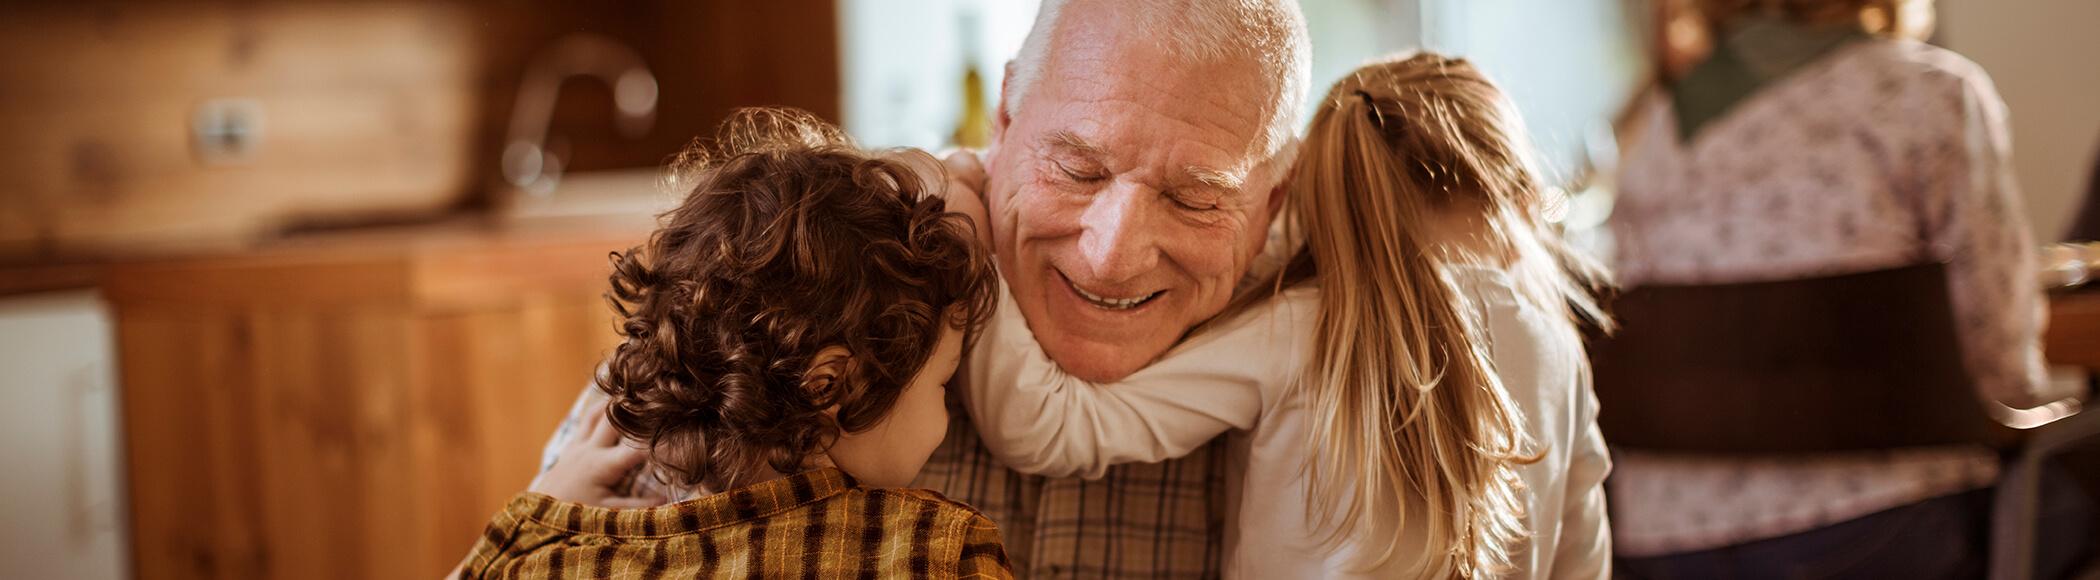 banca intesa kes kredit senior za penzionere fiksna kamata bez prenosa penzije besplatno osiguranje